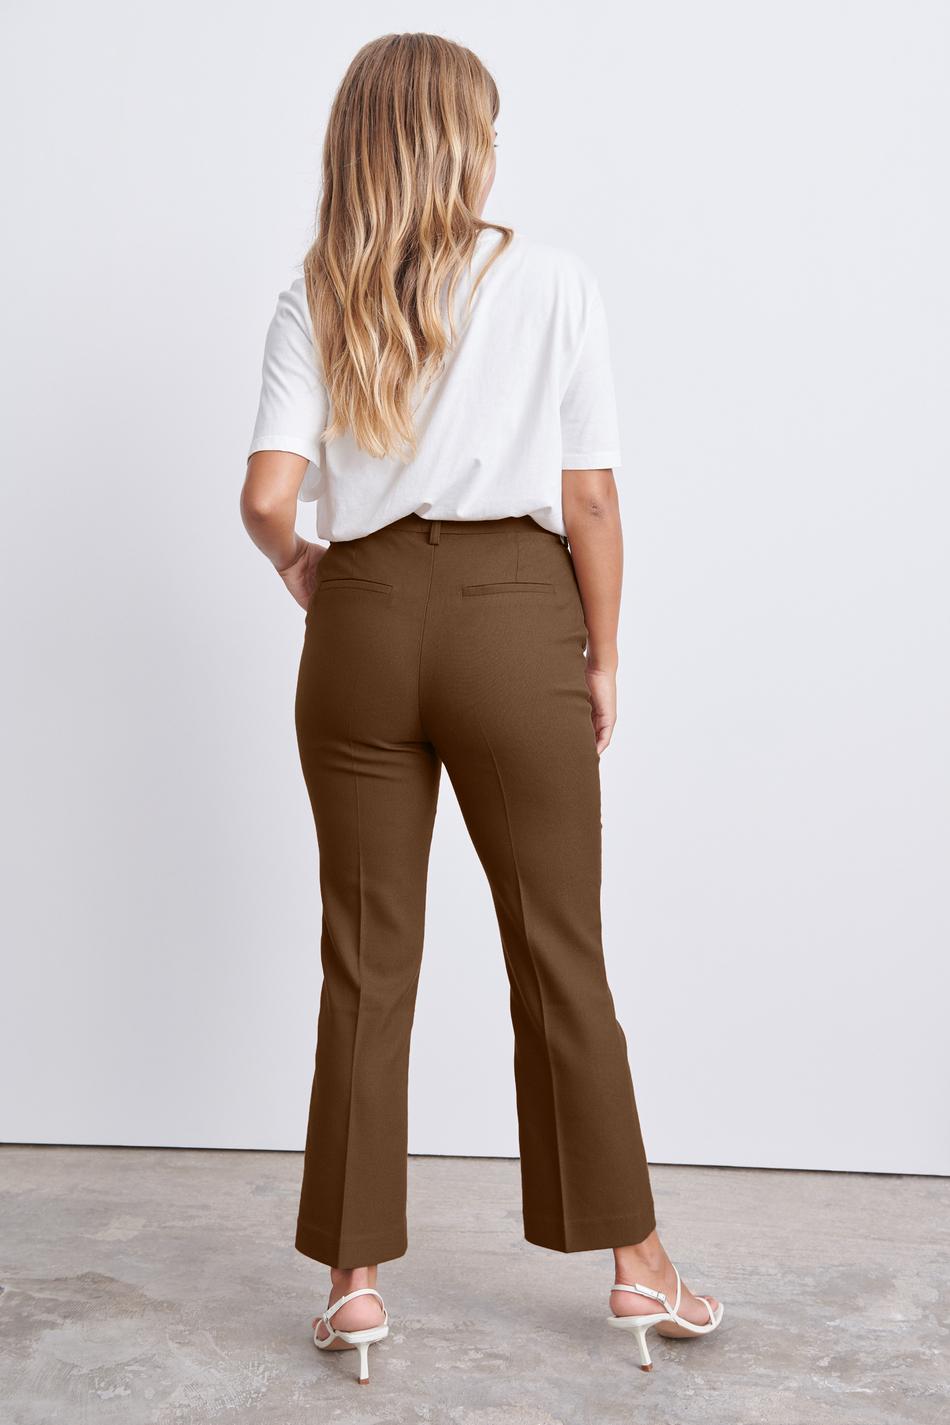 Lisa trousers 174.50 DKK, Habitbukser Tøj og mode online